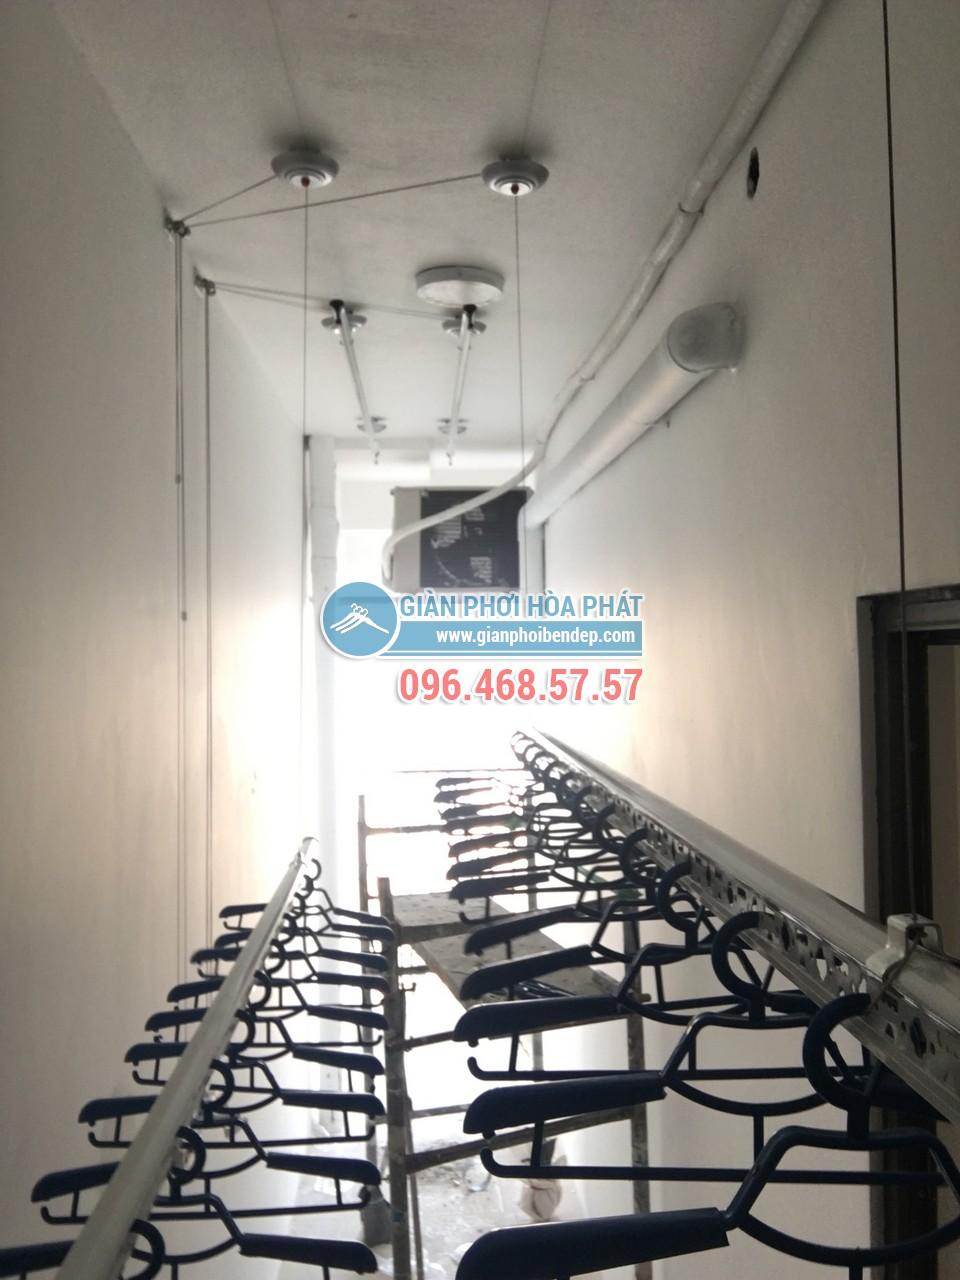 Lô gia dài hẹp thêm tiện ích nhờ lắp đặt giàn phơi thông minh nhà chị Hòa, Golden West - 06